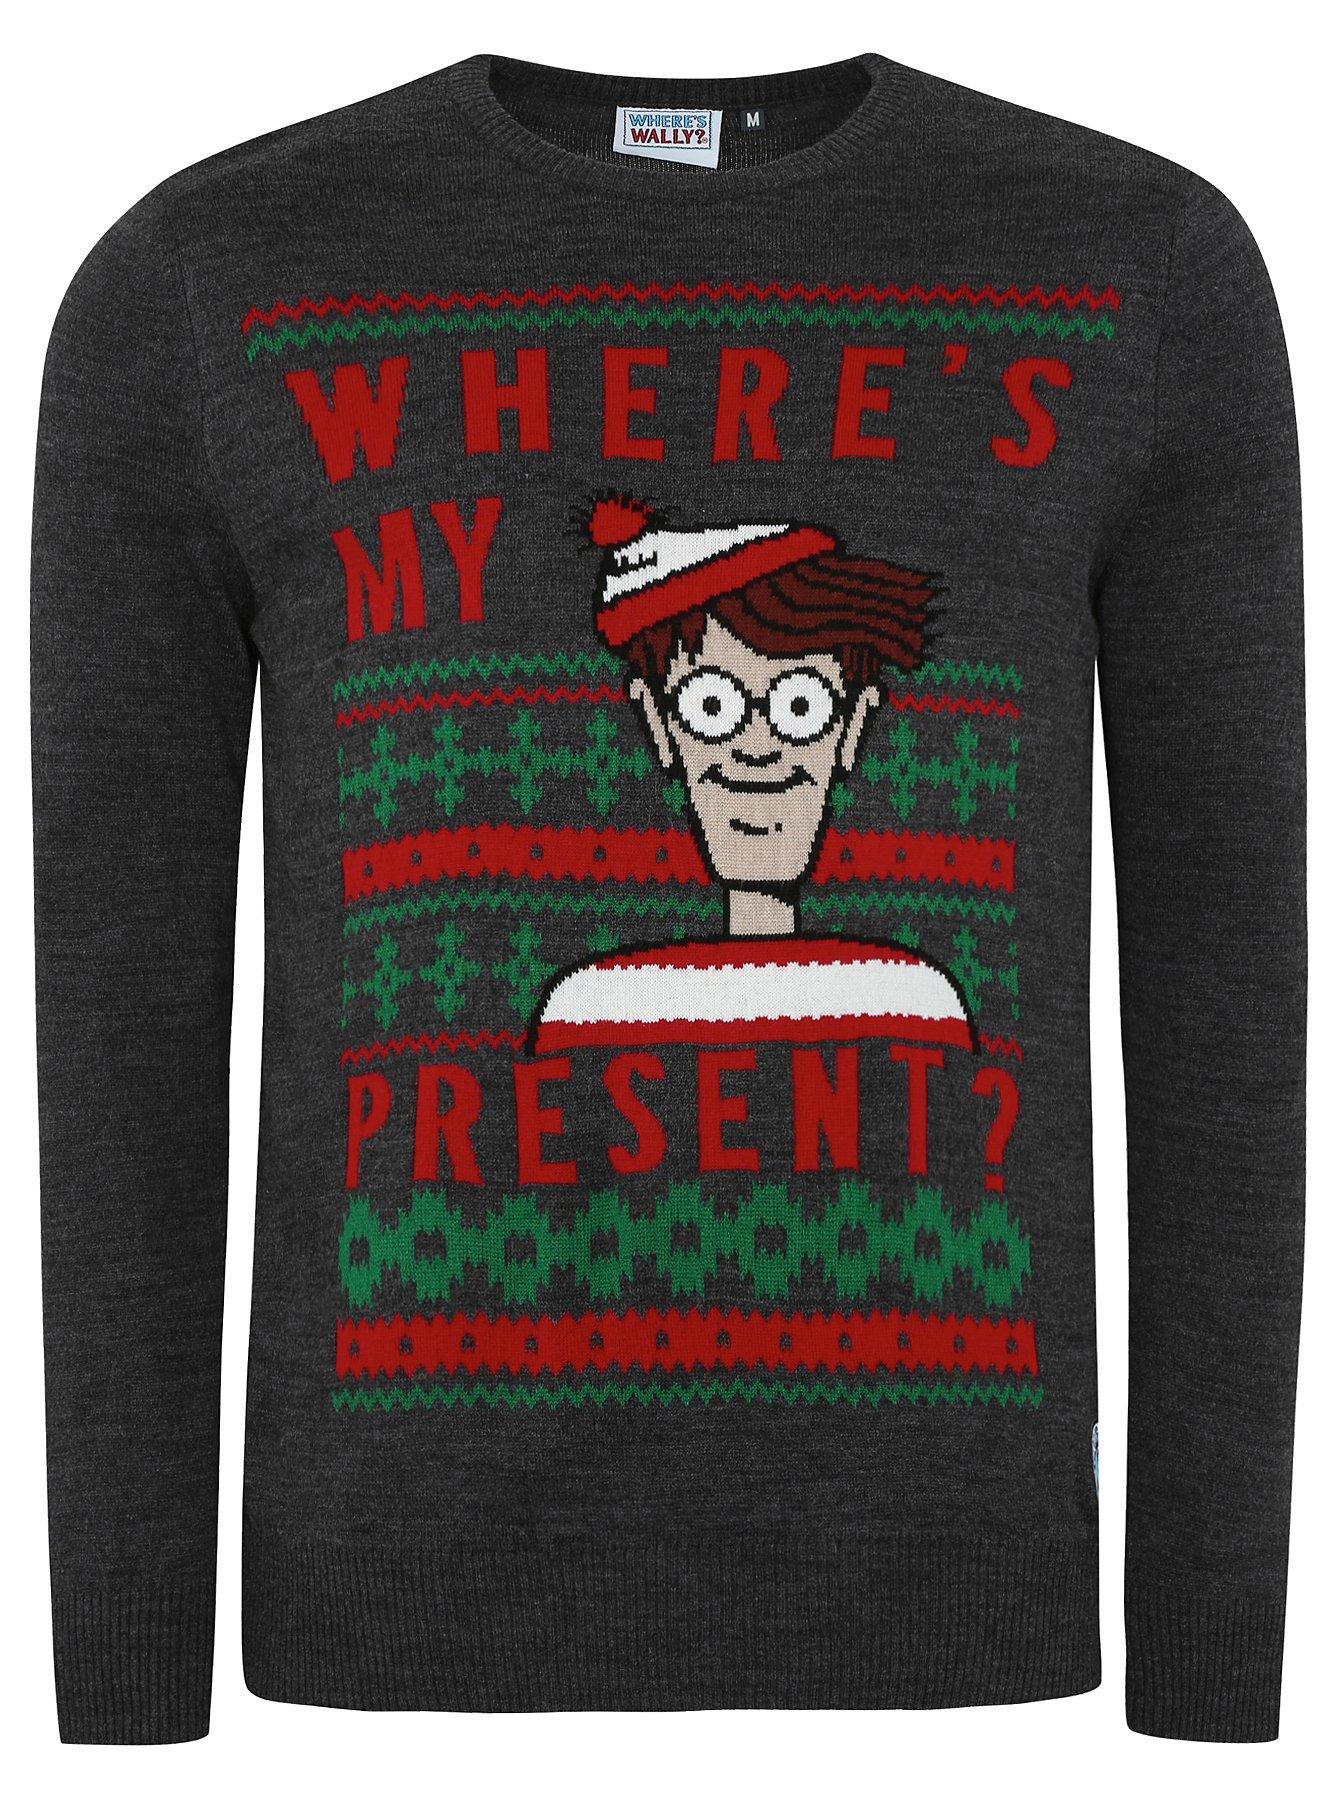 Wheres Wally Christmas Jumper